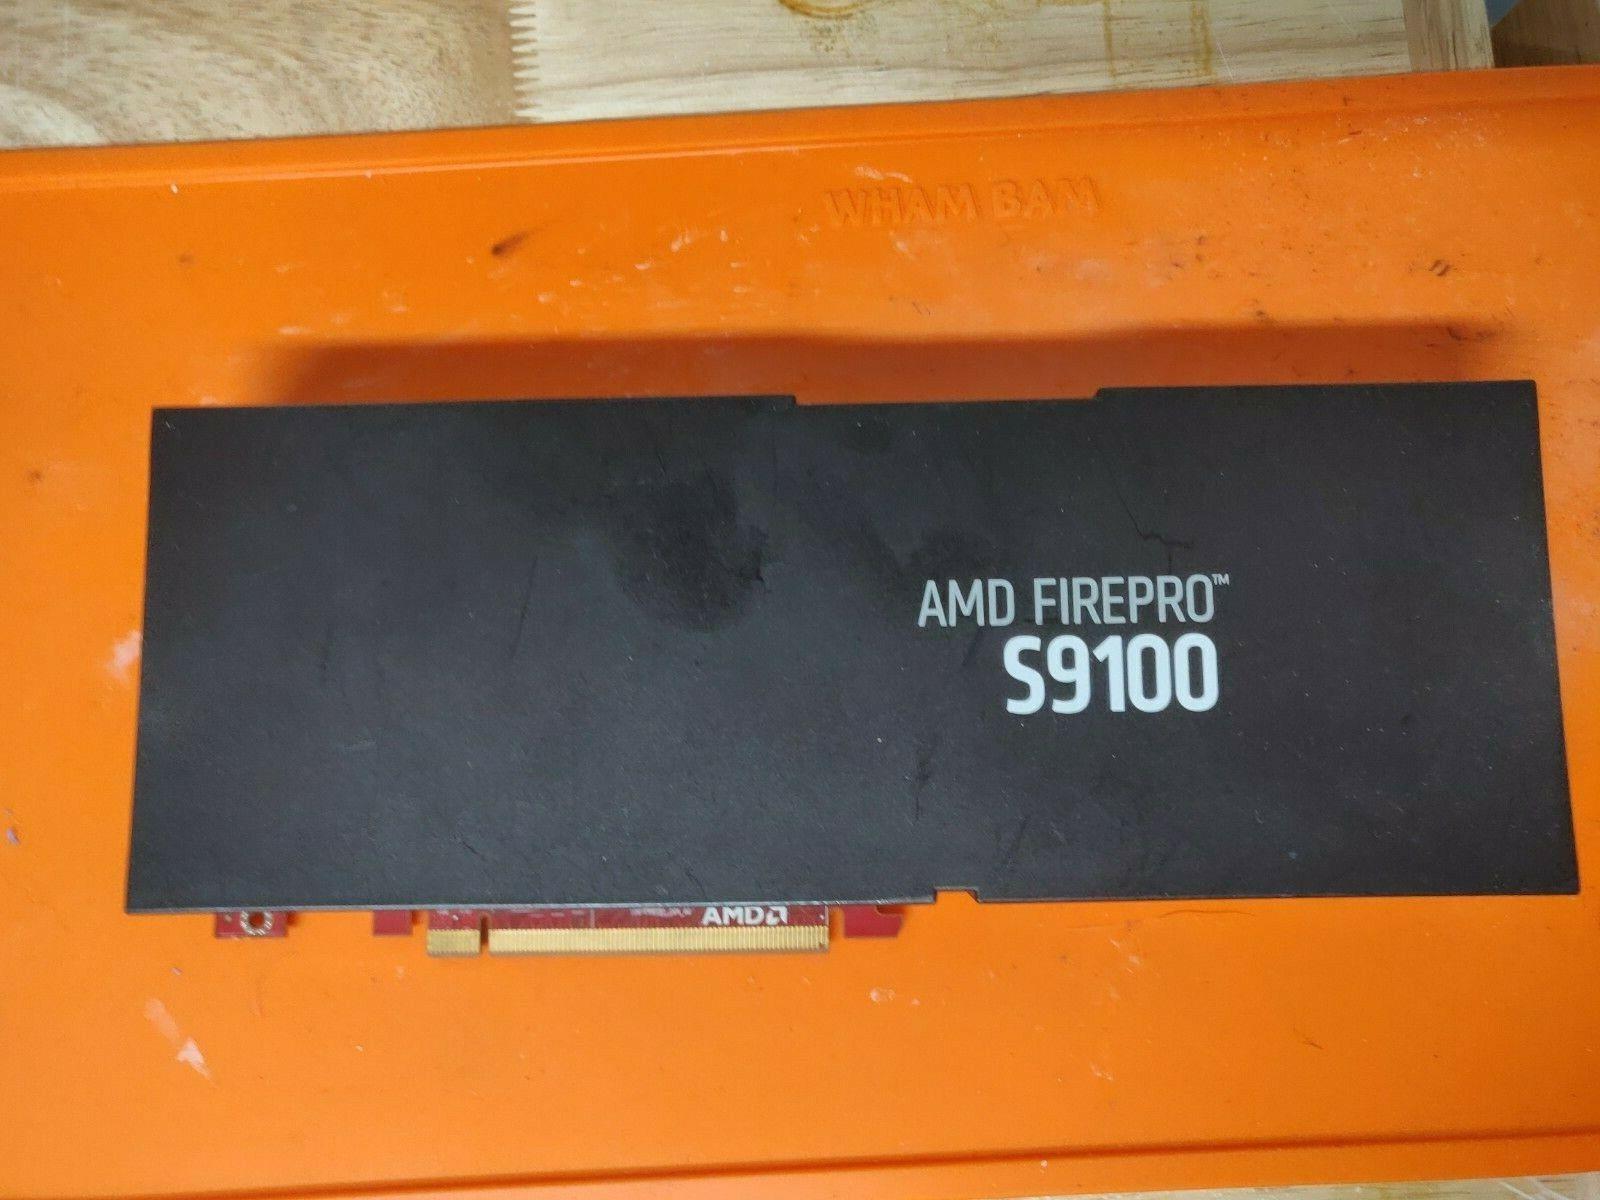 AMD FirePro S9100 12GB GPU Accelerator  - $160.00